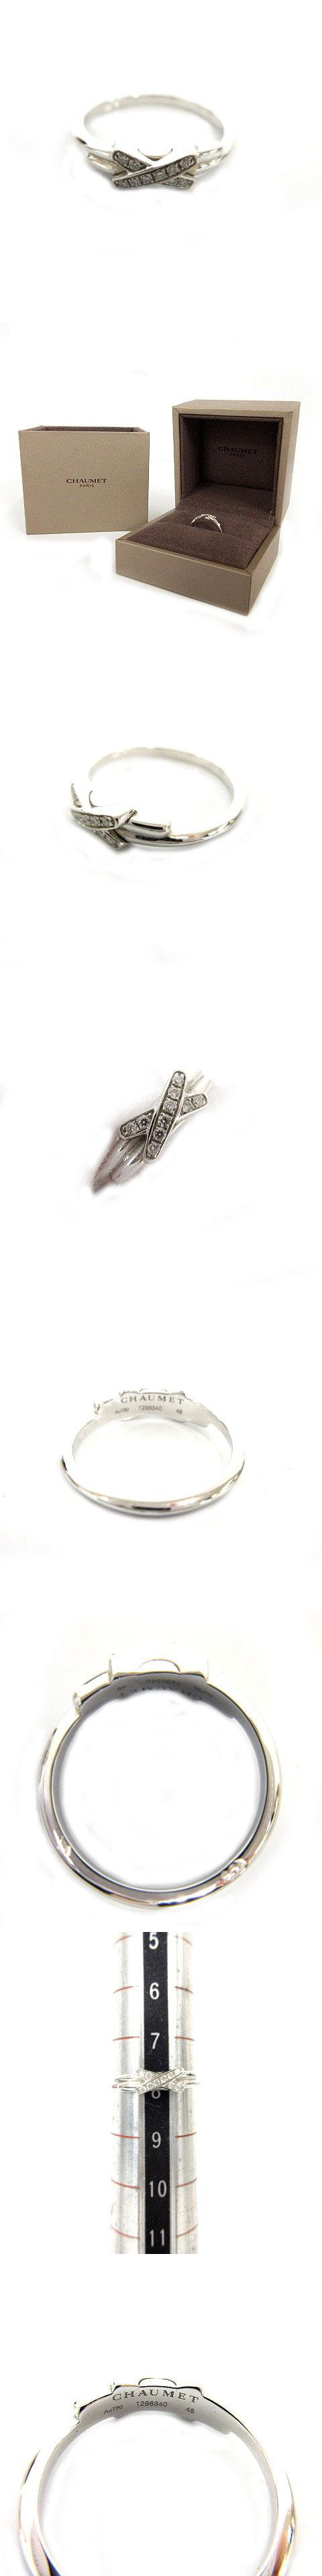 ジュ ドゥ リアン リング 指輪 Au750 K18WG ダイヤ10P ホワイトゴールド 8号